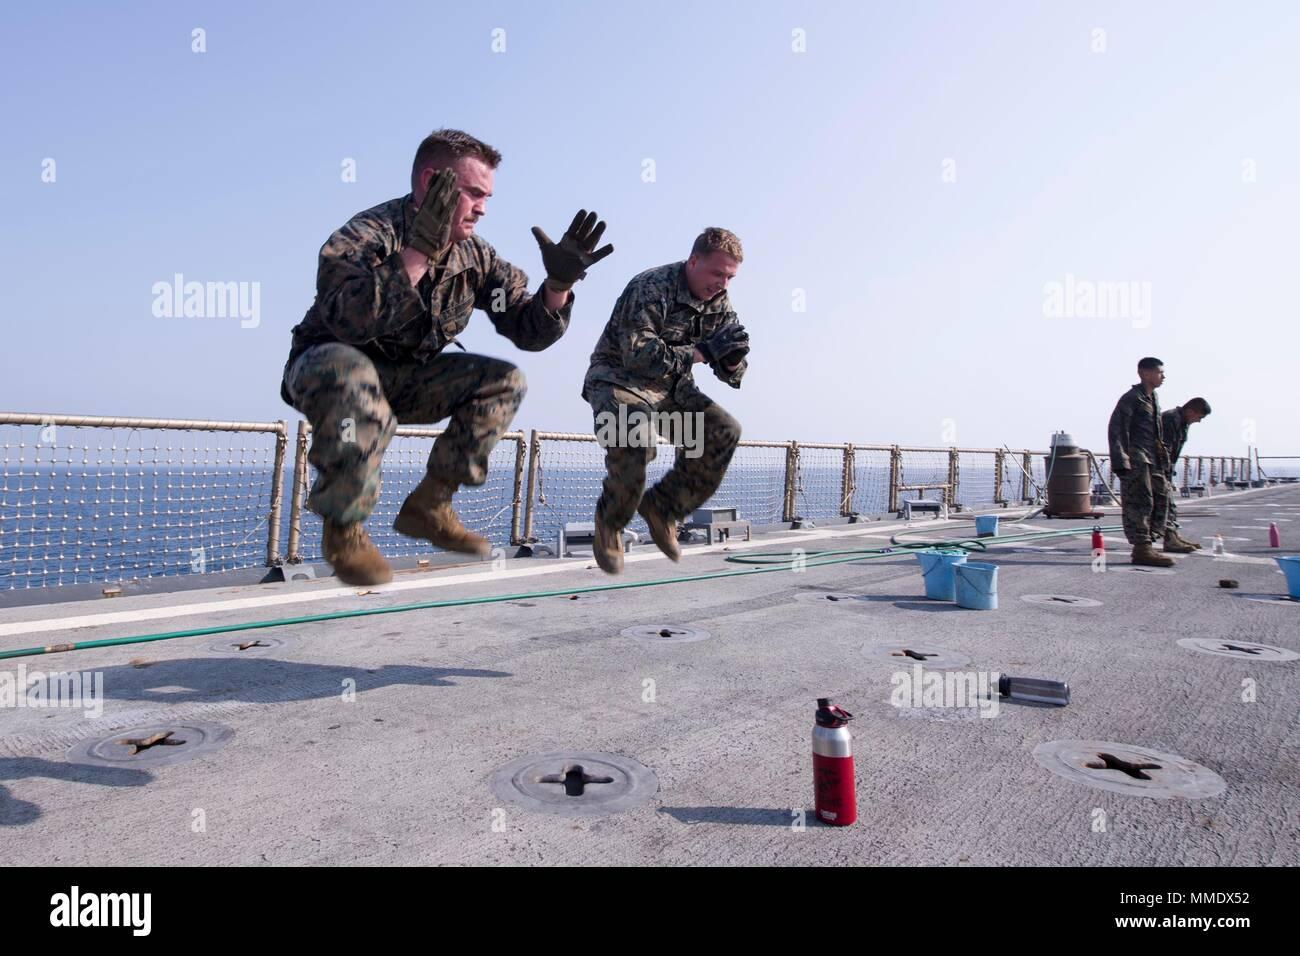 171019-N-UK248-047 U.S. 5ÈME ZONE DES OPÉRATIONS DE LA FLOTTE (oct. 19, 2017) Marine Cpl. Andrew Pittman, gauche, de Gray, Ga., et lance le Cpl. Chris Watkins, de Berea, Ky., tous deux affectés à la 15e Marine Expeditionary Unit (15e MEU) à bord du navire de débarquement quai amphibie USS Pearl Harbor (LSD 52), participer à des Programme d'arts martiaux du Corps des Marines (MCMAP) circuit training sur le pont d'envol du navire. Pearl Harbor est une partie de l'Amérique du groupe amphibie (ARG) et, avec l'entrepris 15e MEU, est déployé à l'appui d'opérations de sécurité maritime et les efforts de coopération en matière de sécurité dans le théâtre dans l'U Photo Stock